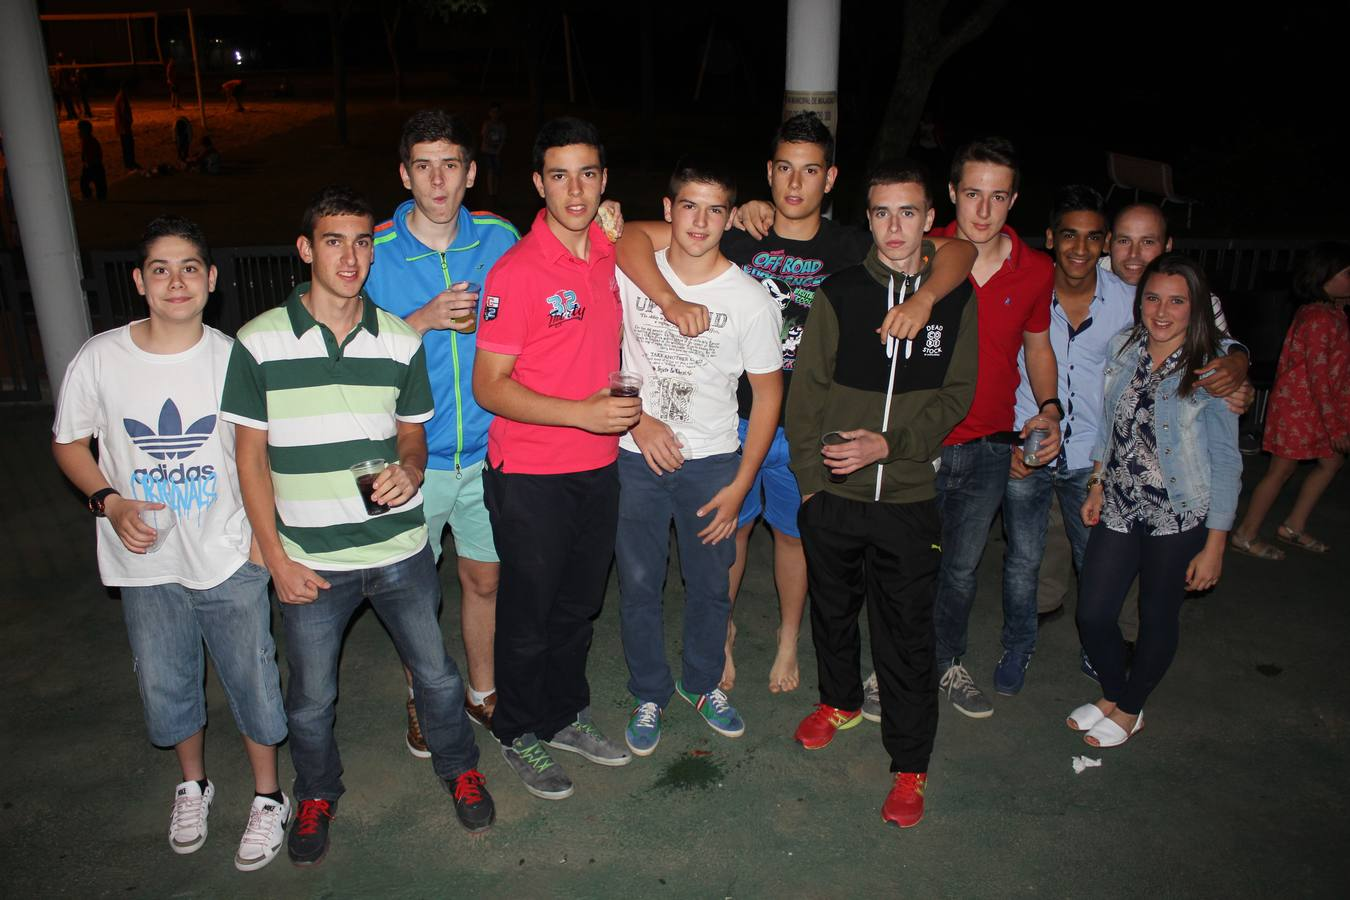 Fiesta CB Miajadas